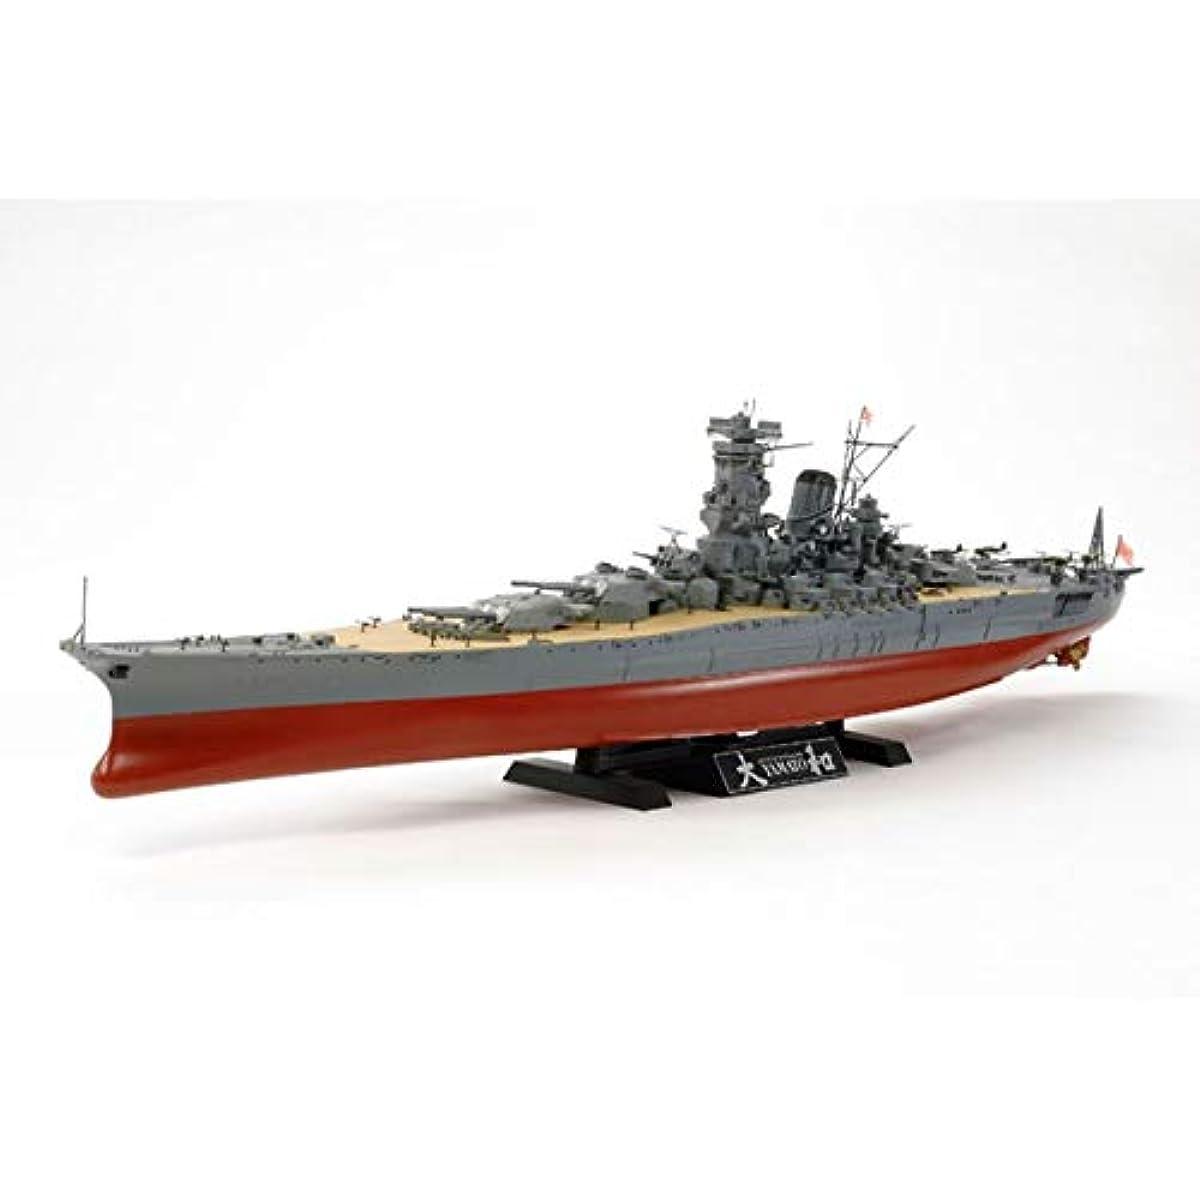 [해외] 퍼터미야 1/350 함선 시리즈 NO.30 일본 해군 전함(다이와)야마토 프라모델  78030